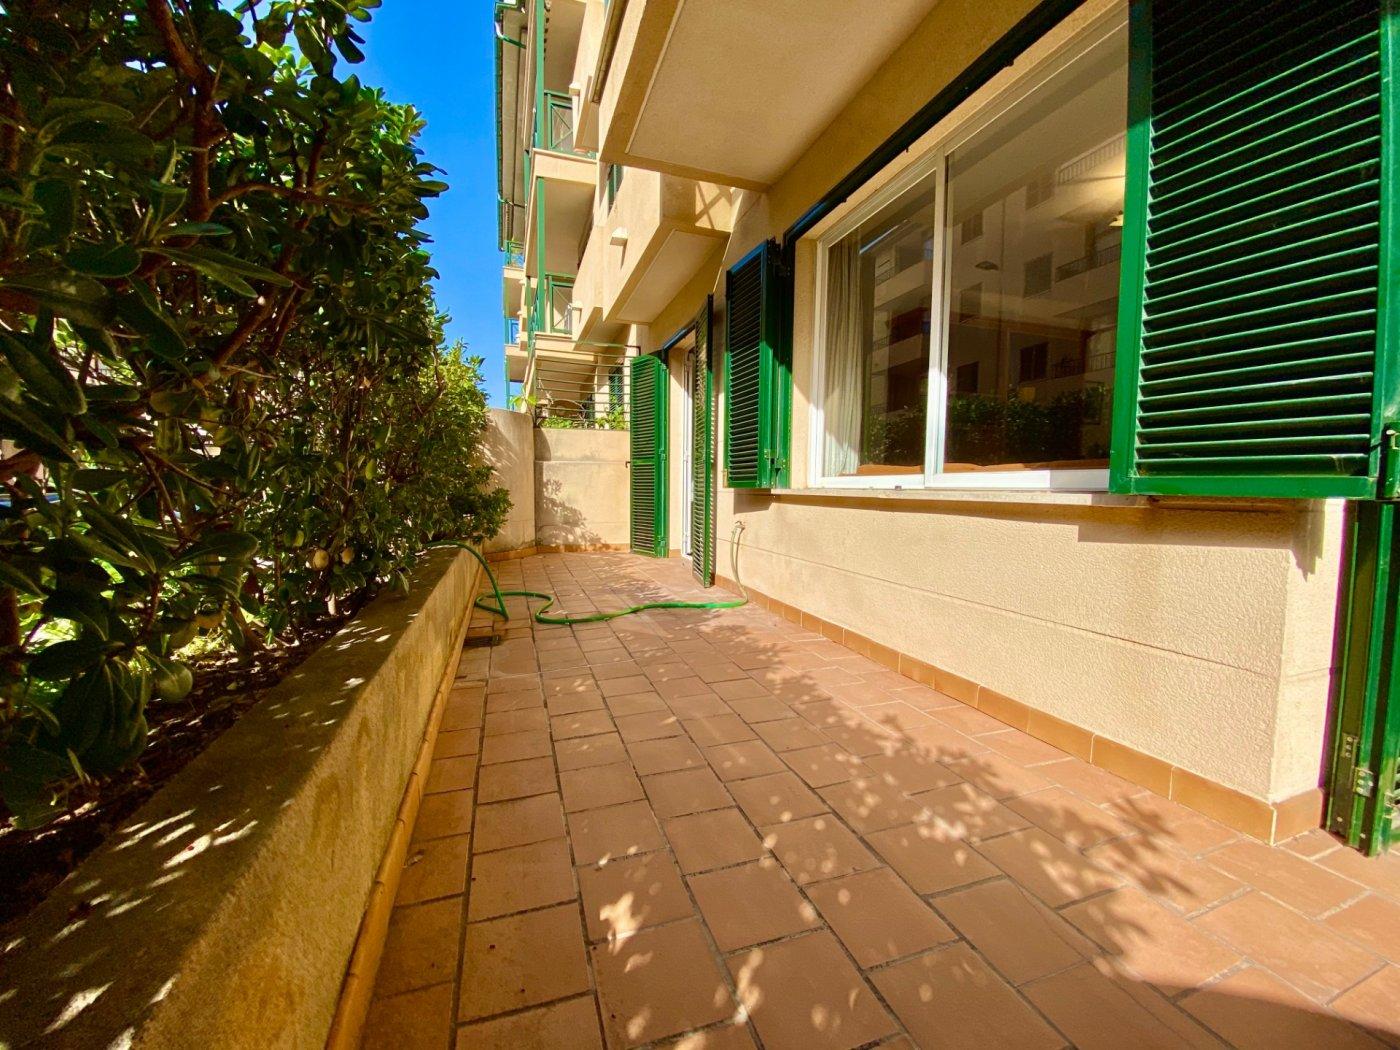 Céntrica planta baja con dos terrazas y plaza de parking - imagenInmueble15